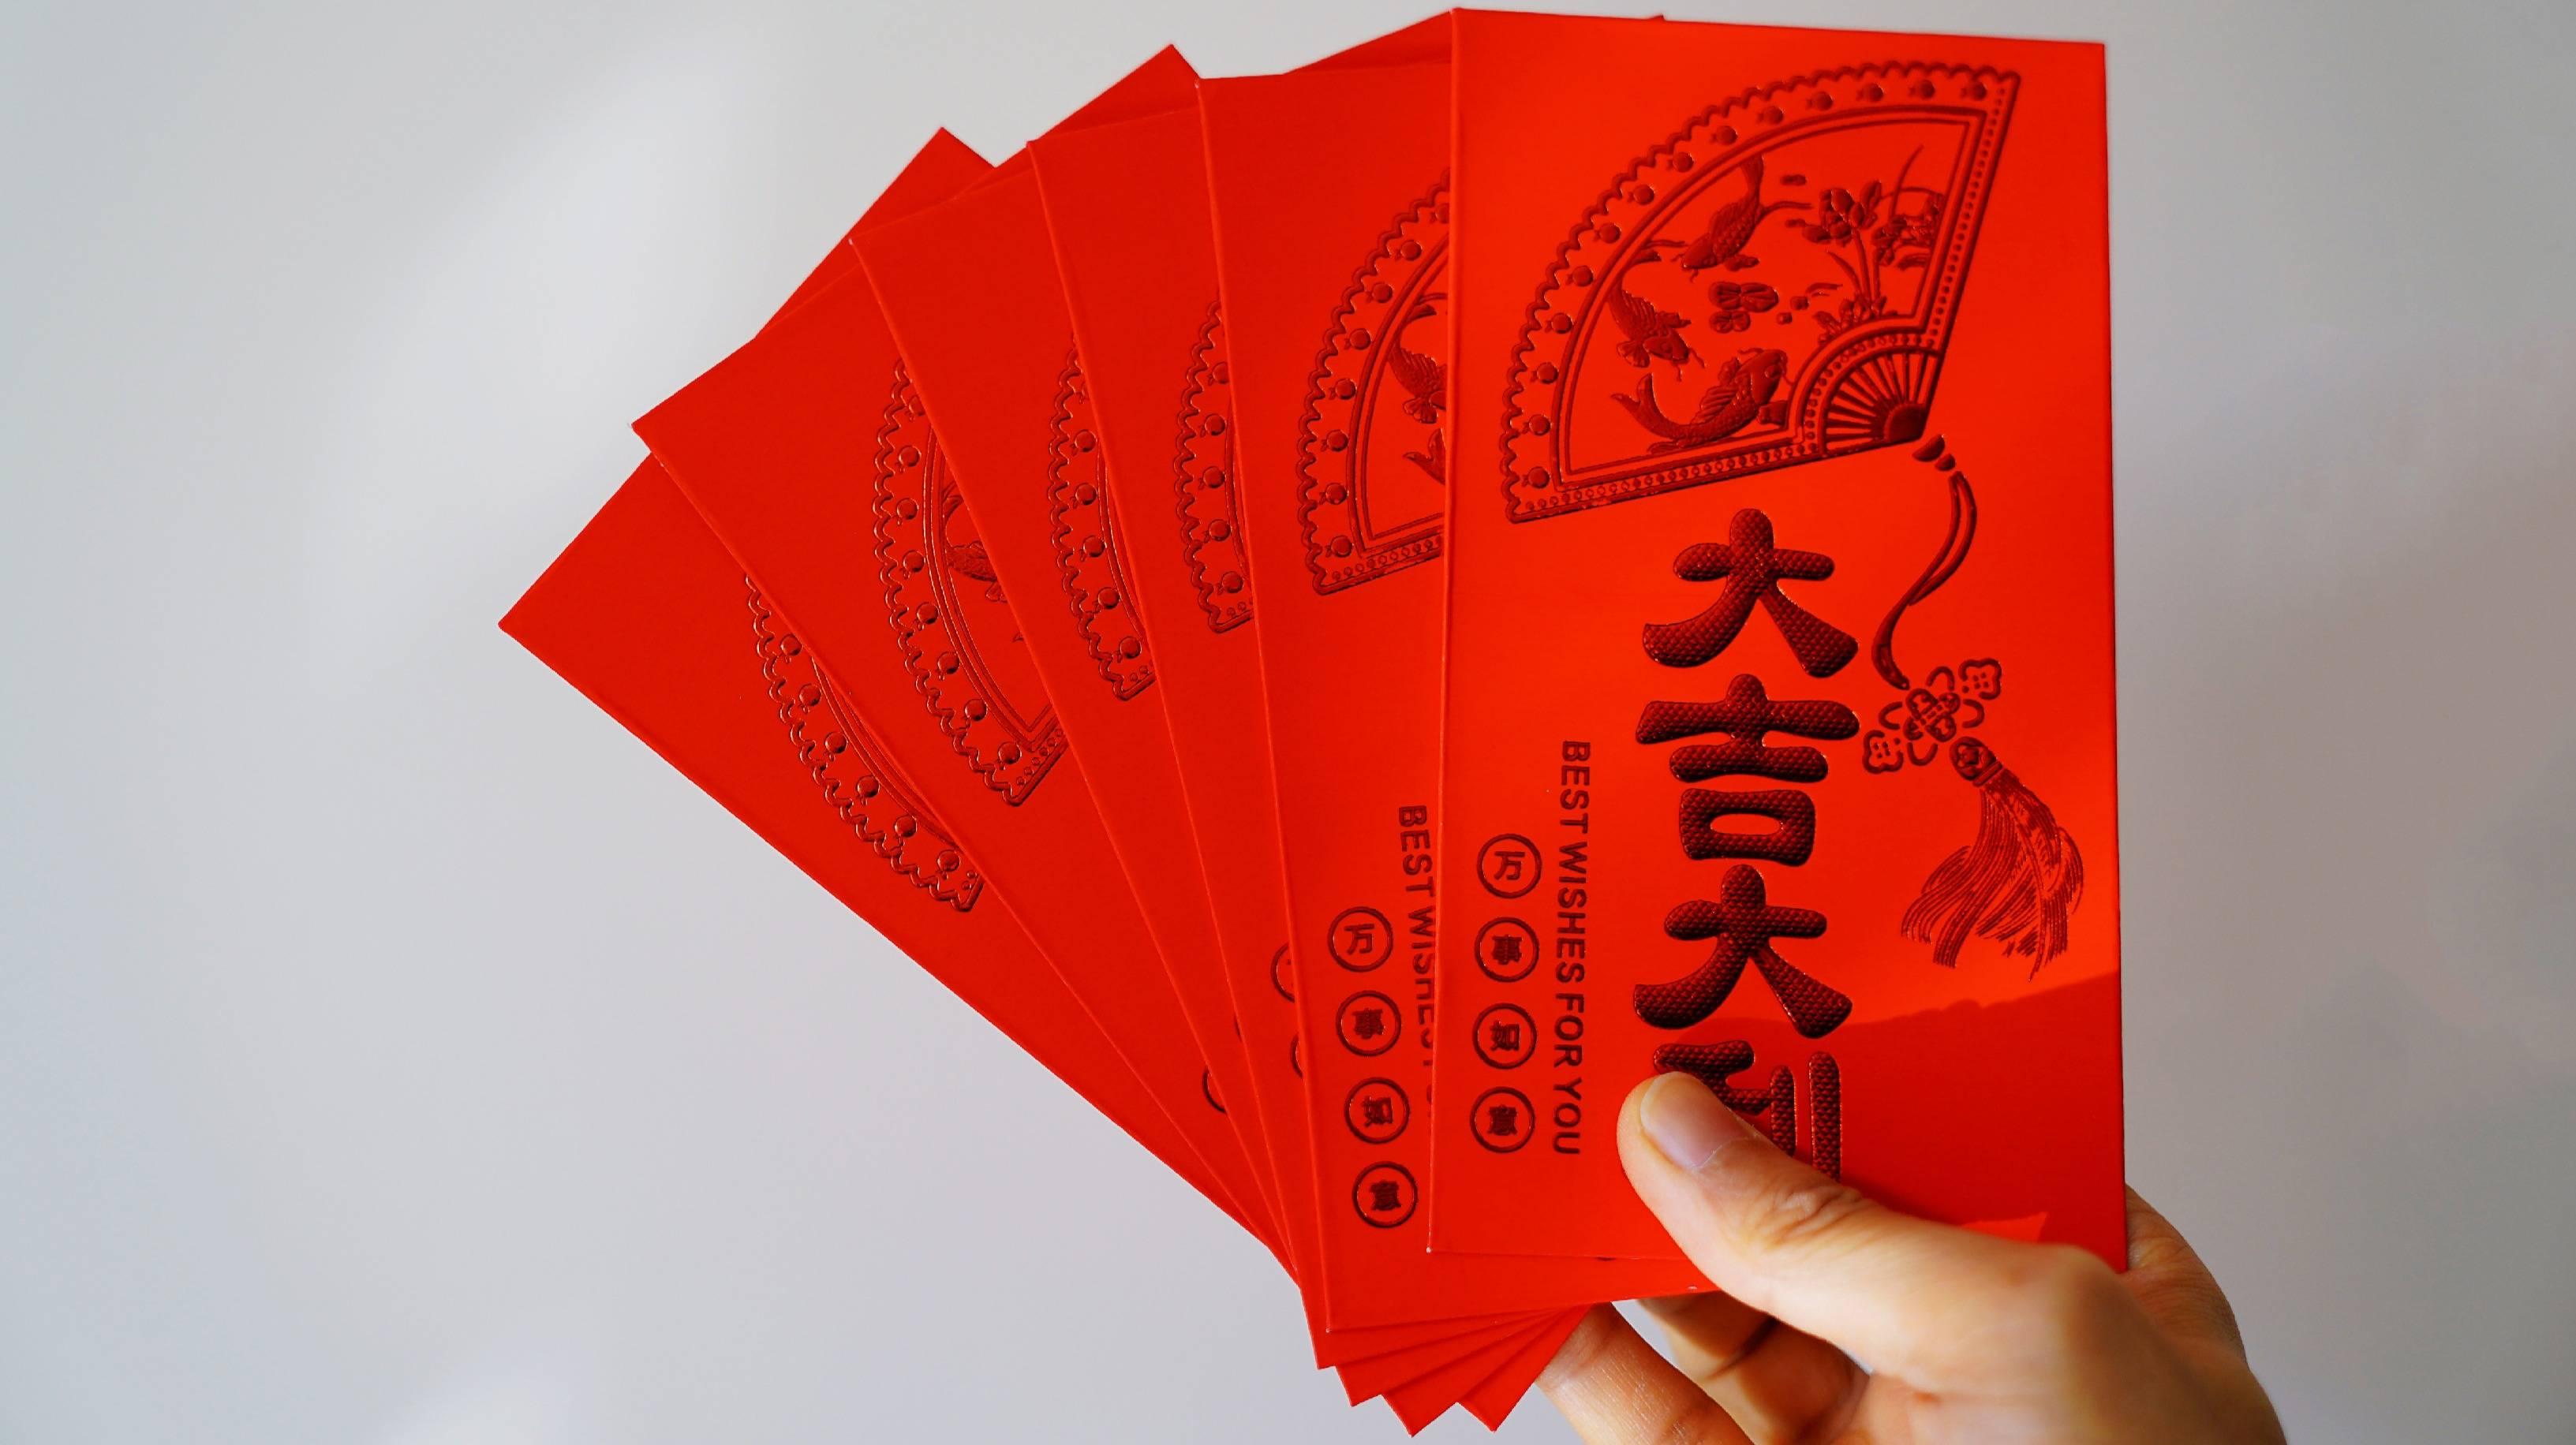 薅羊毛鼠年春节红包指南躺在手机上就能拿到压岁钱